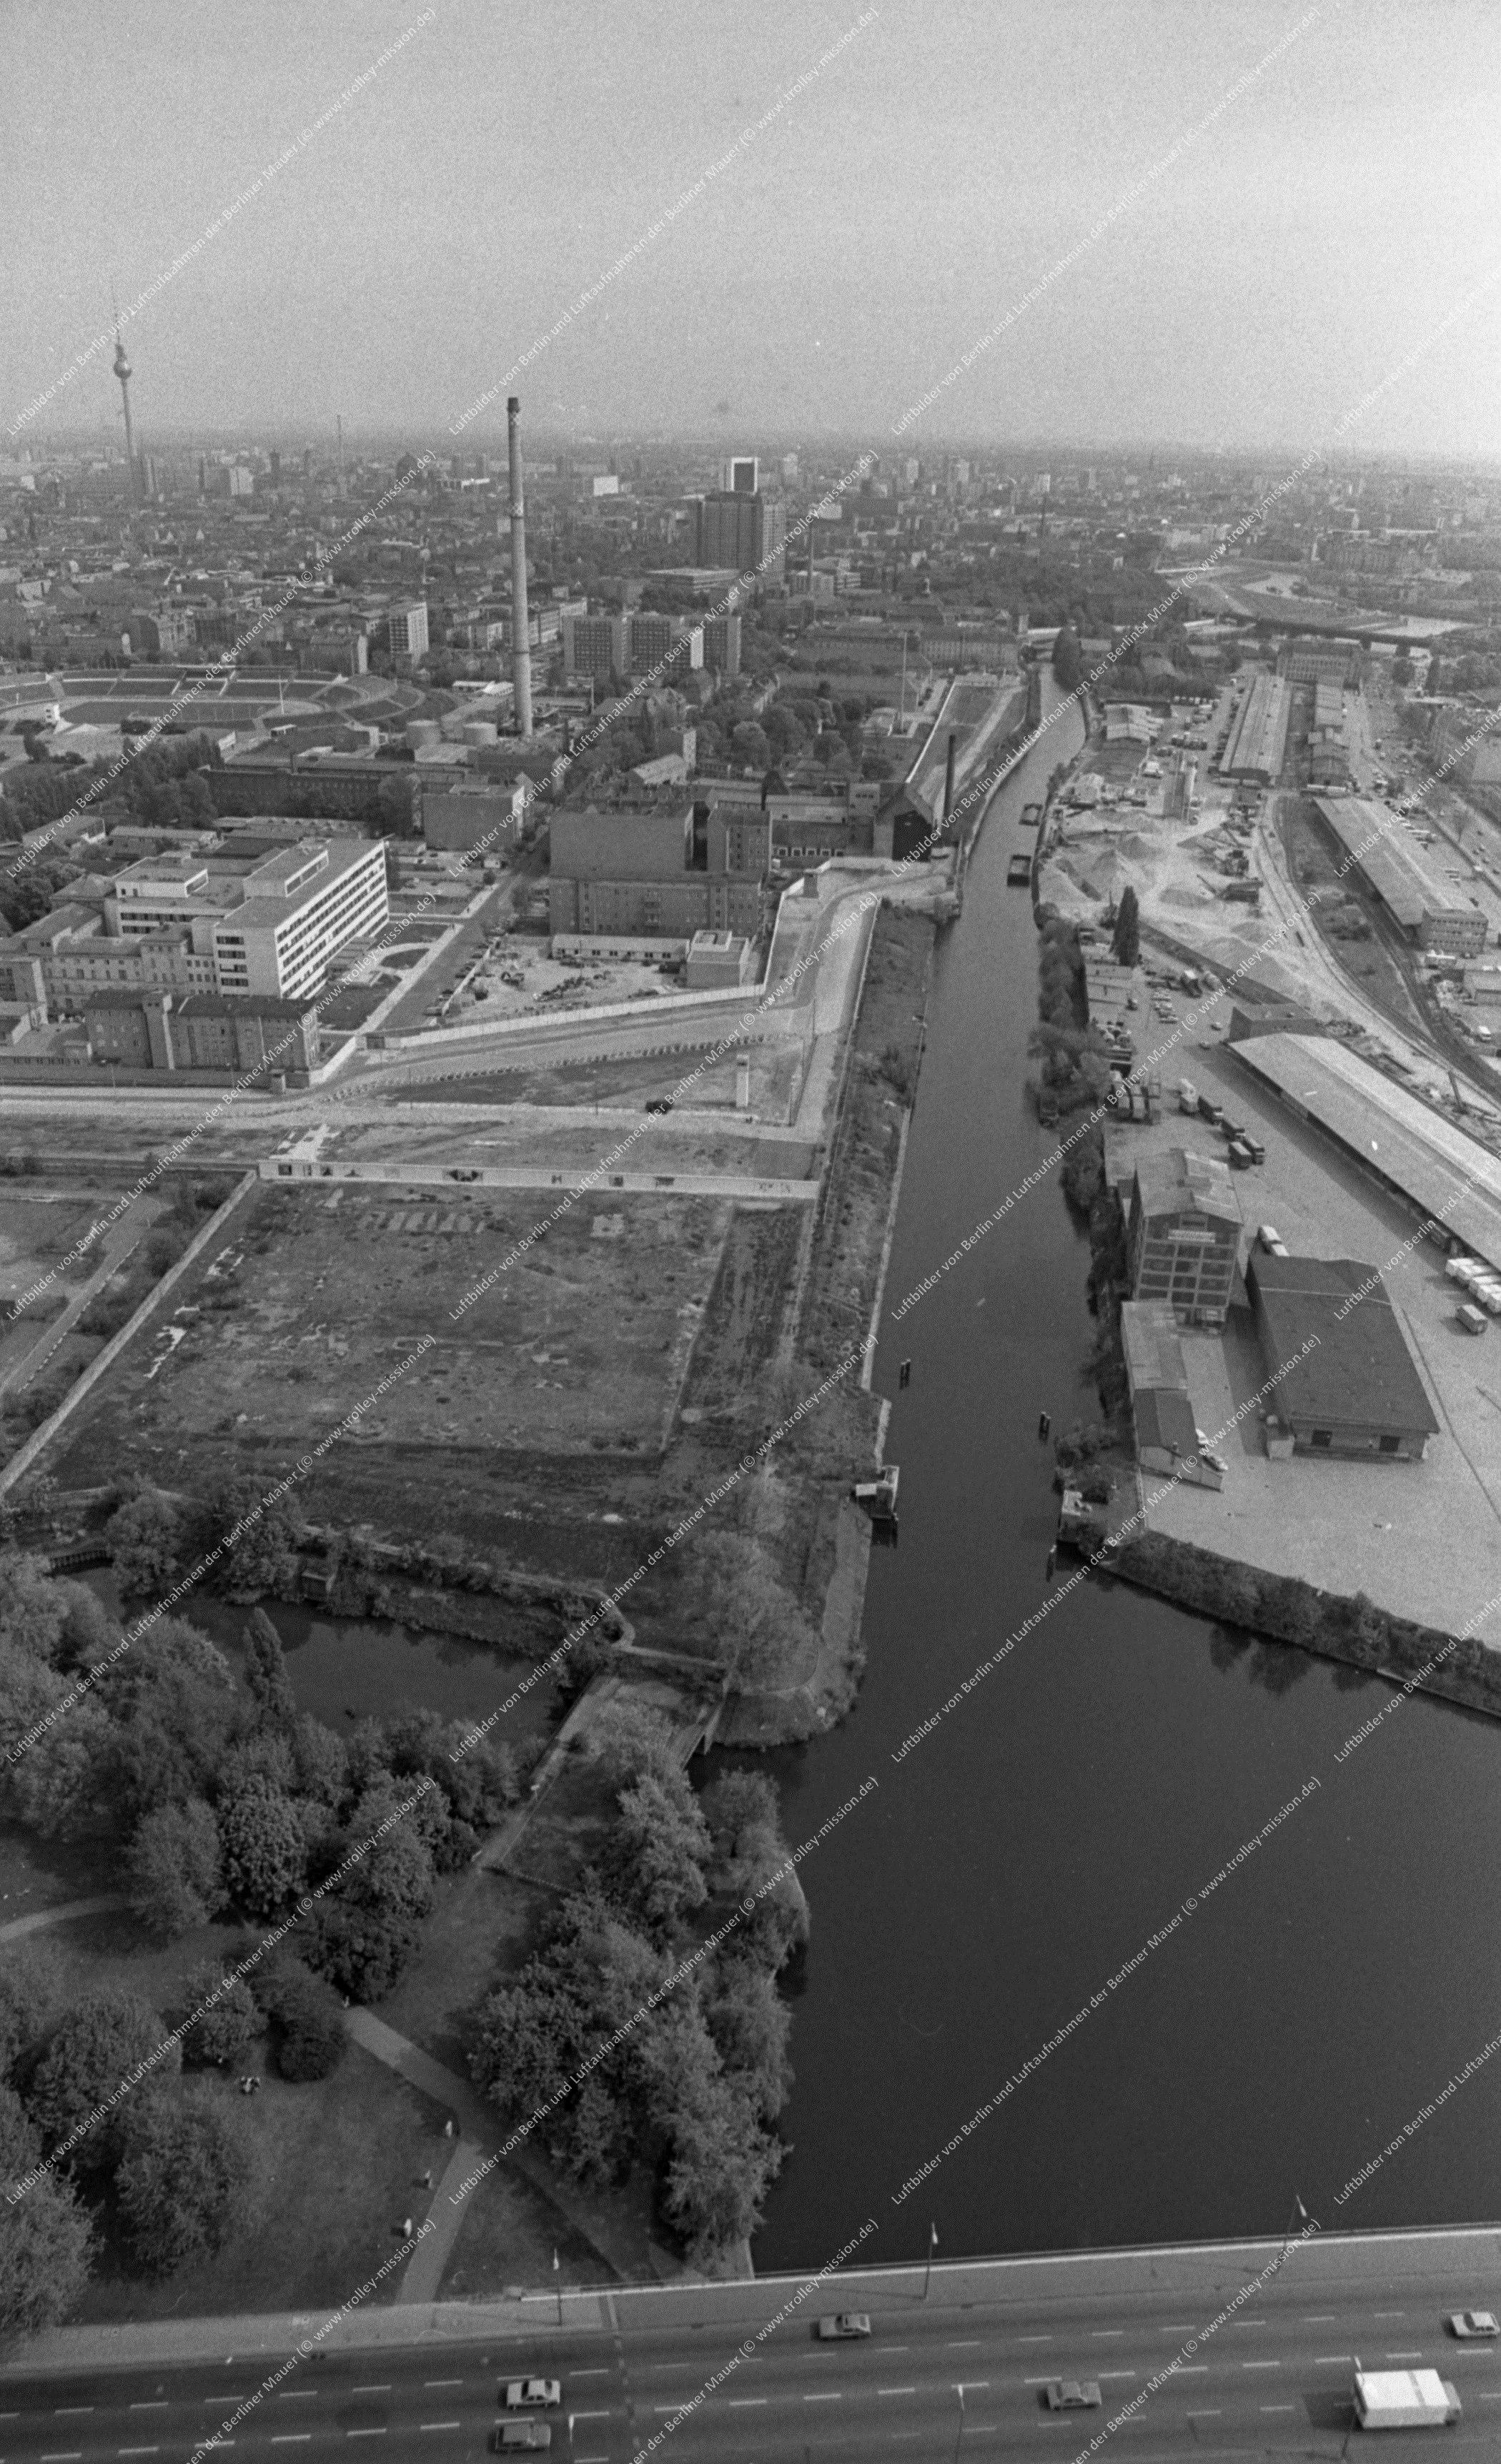 Berlin Luftaufnahme vom 12. Mai 1982 - Unbekannter Abschnitt der Berliner Mauer bzw. Grenze zur DDR (Bild 062)